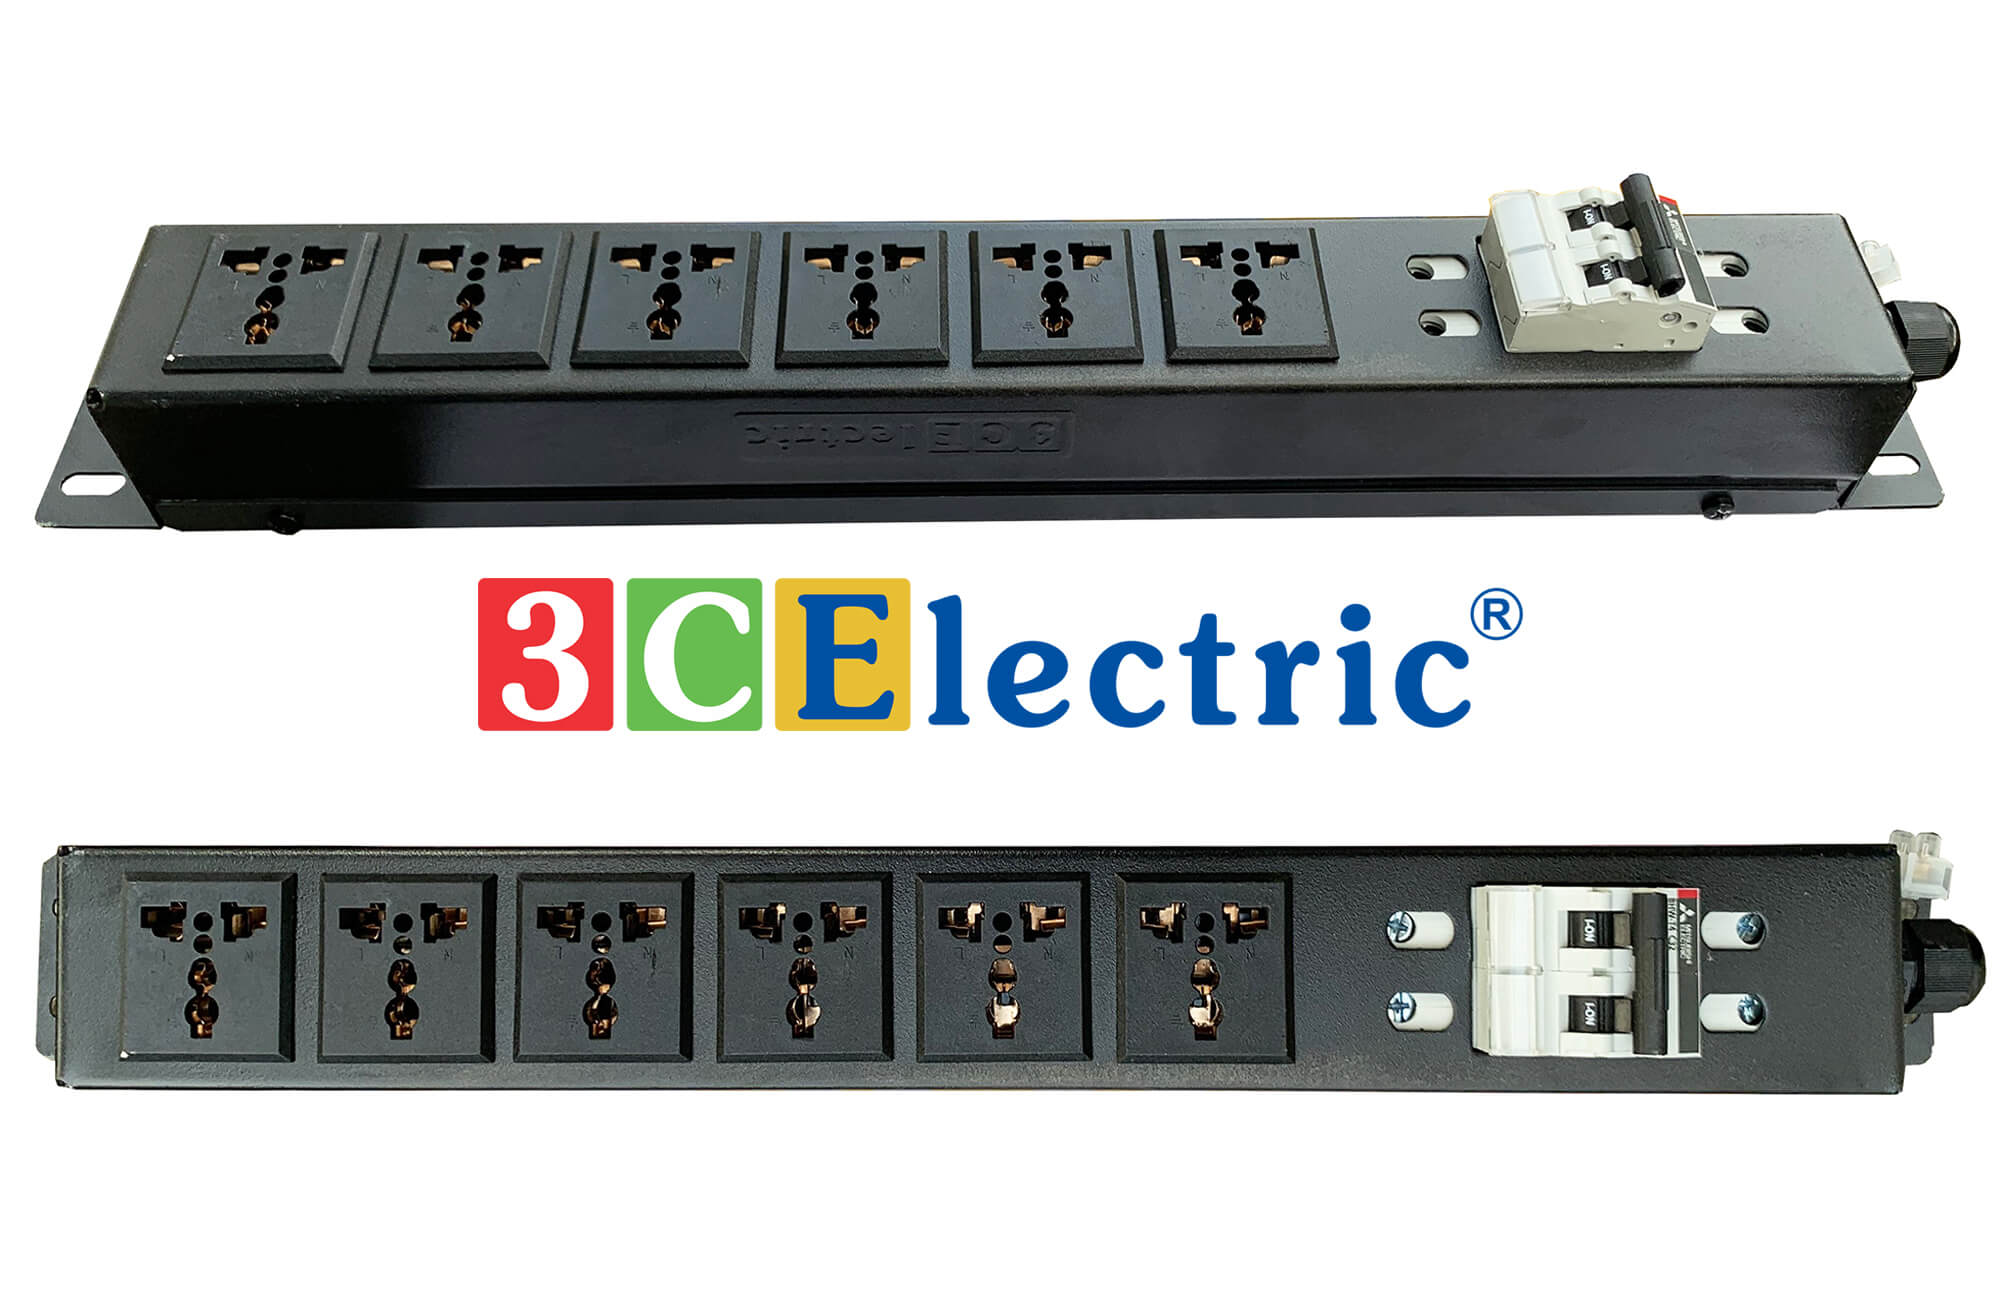 Ổ điện 19 06 ổ cắm chuẩn đa dụng có MCB 2P 32A